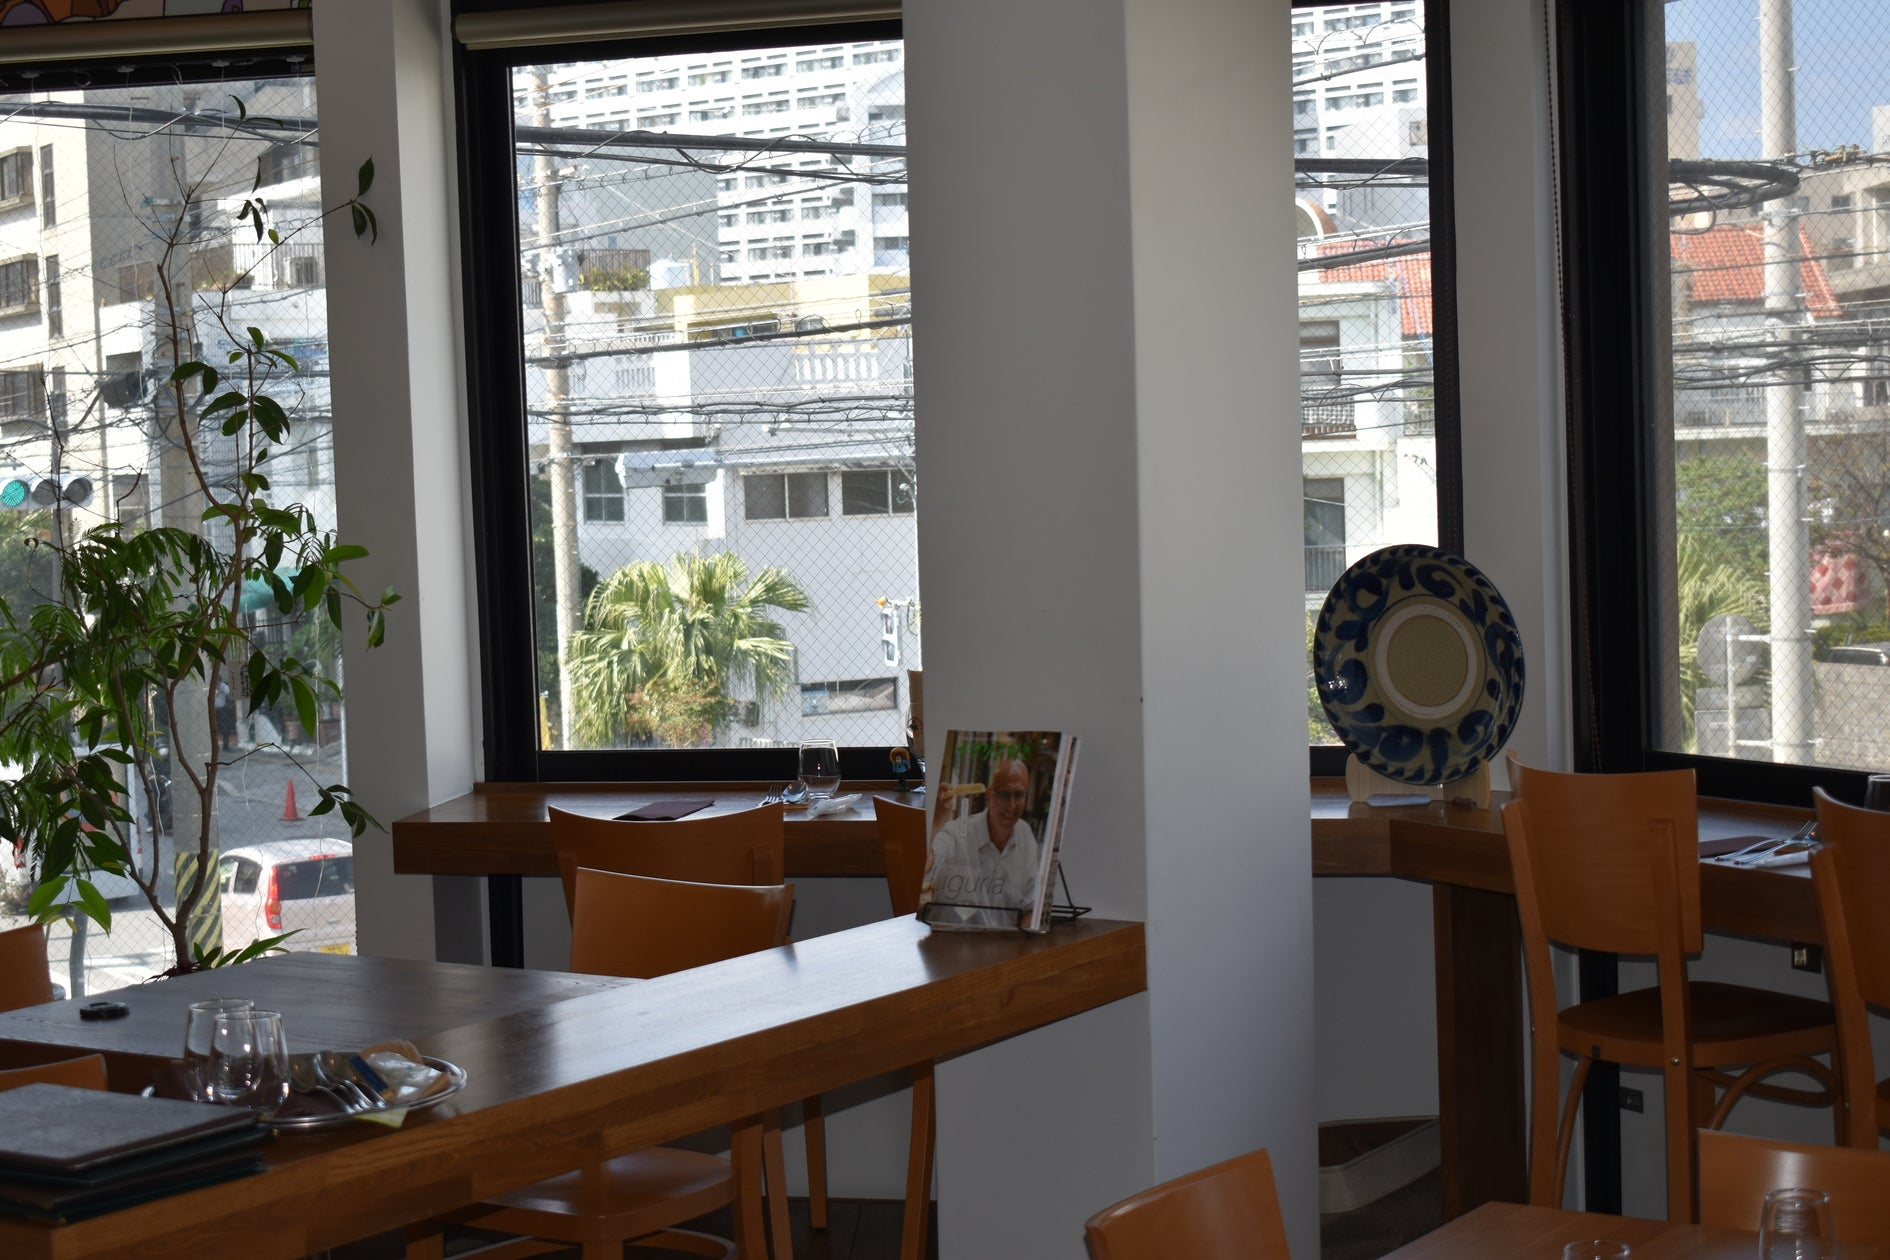 キッチン付きレストランです。女子会、お誕生日会、ママ会、ロケ、撮影会、会議、料理講習会などに。 の写真